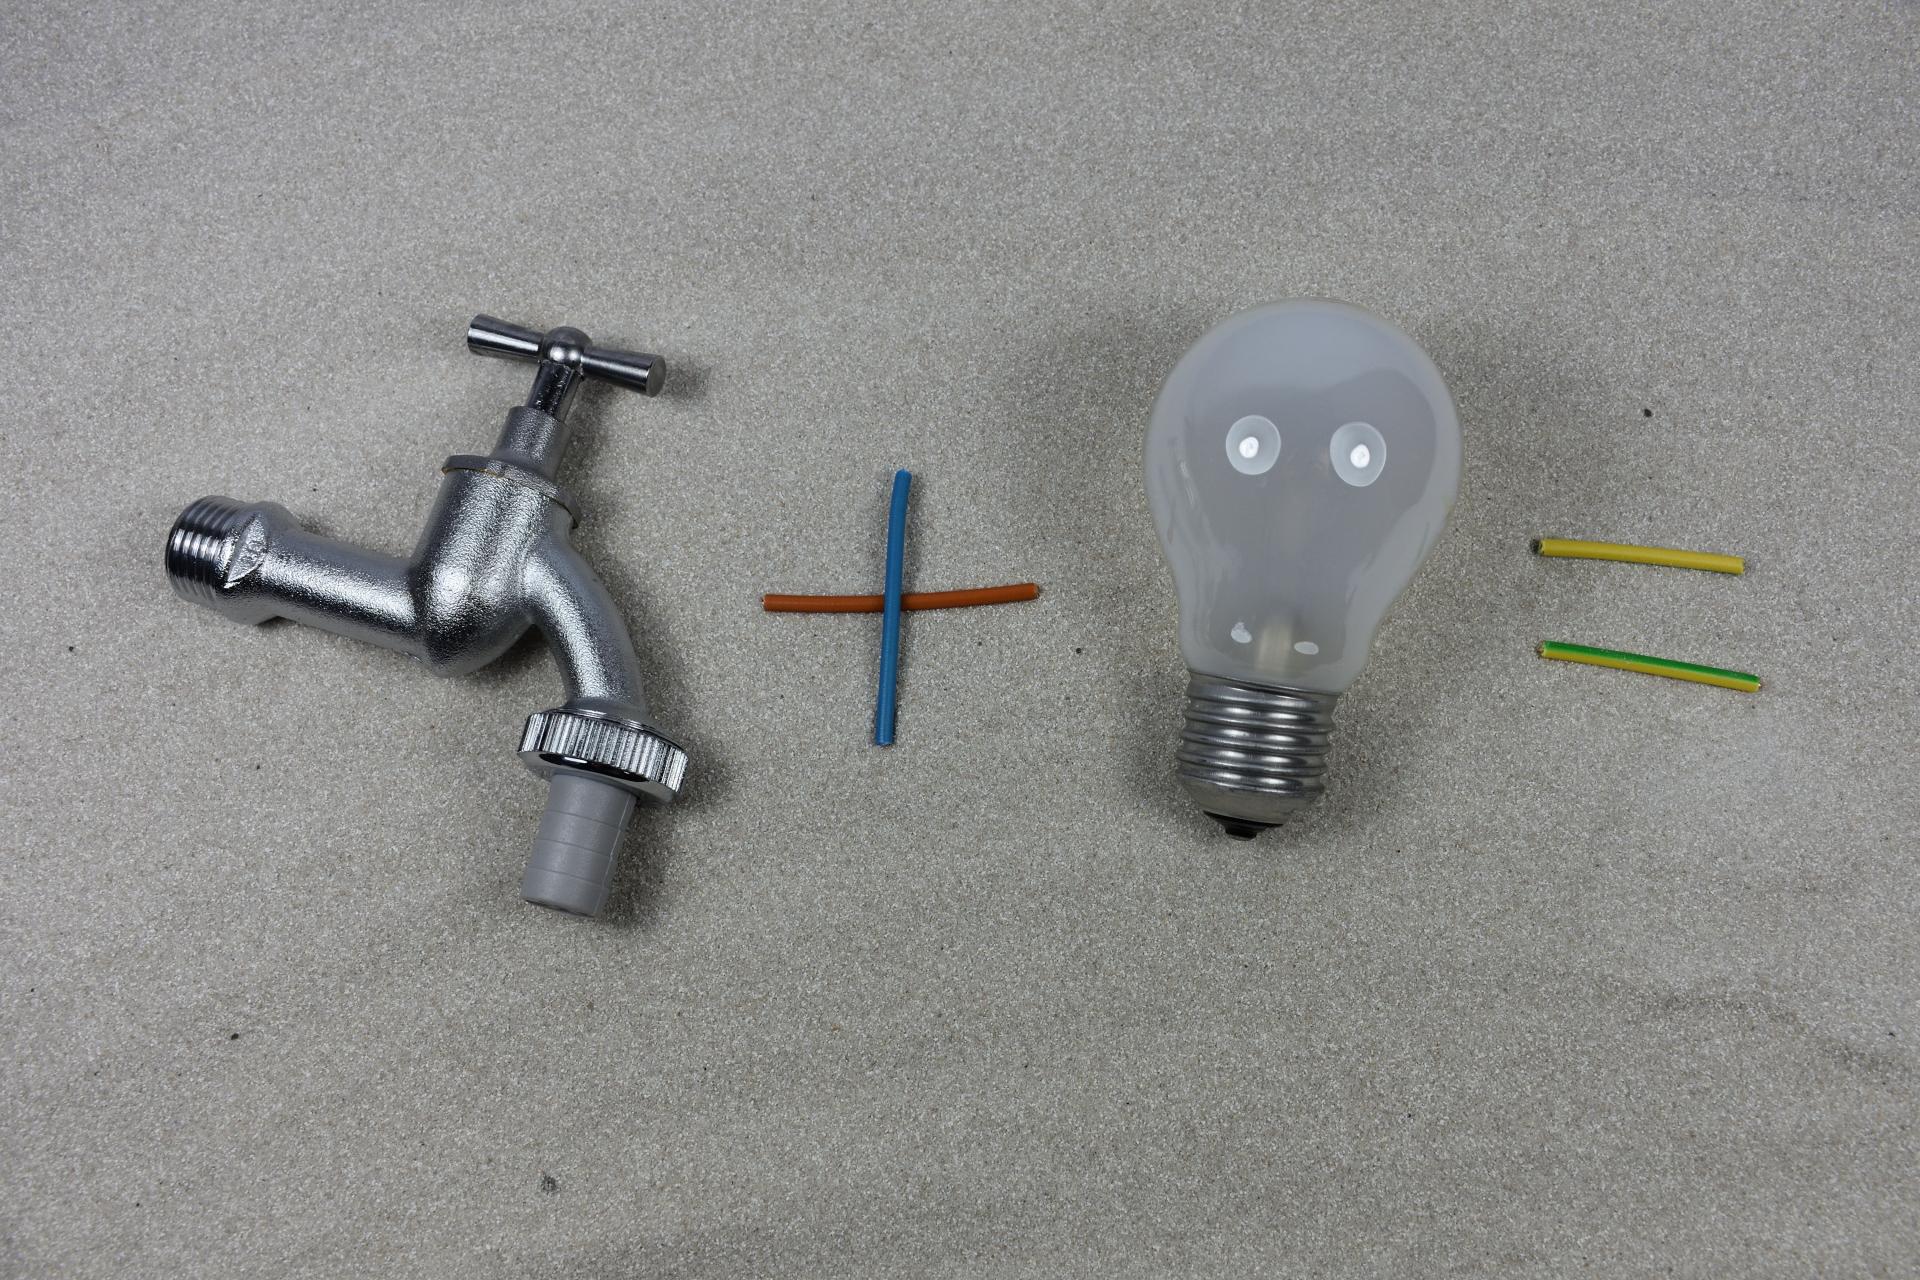 Kleiner Kühlschrank Wieviel Watt : Kleiner kühlschrank wieviel watt energieverbrauch das kostet das